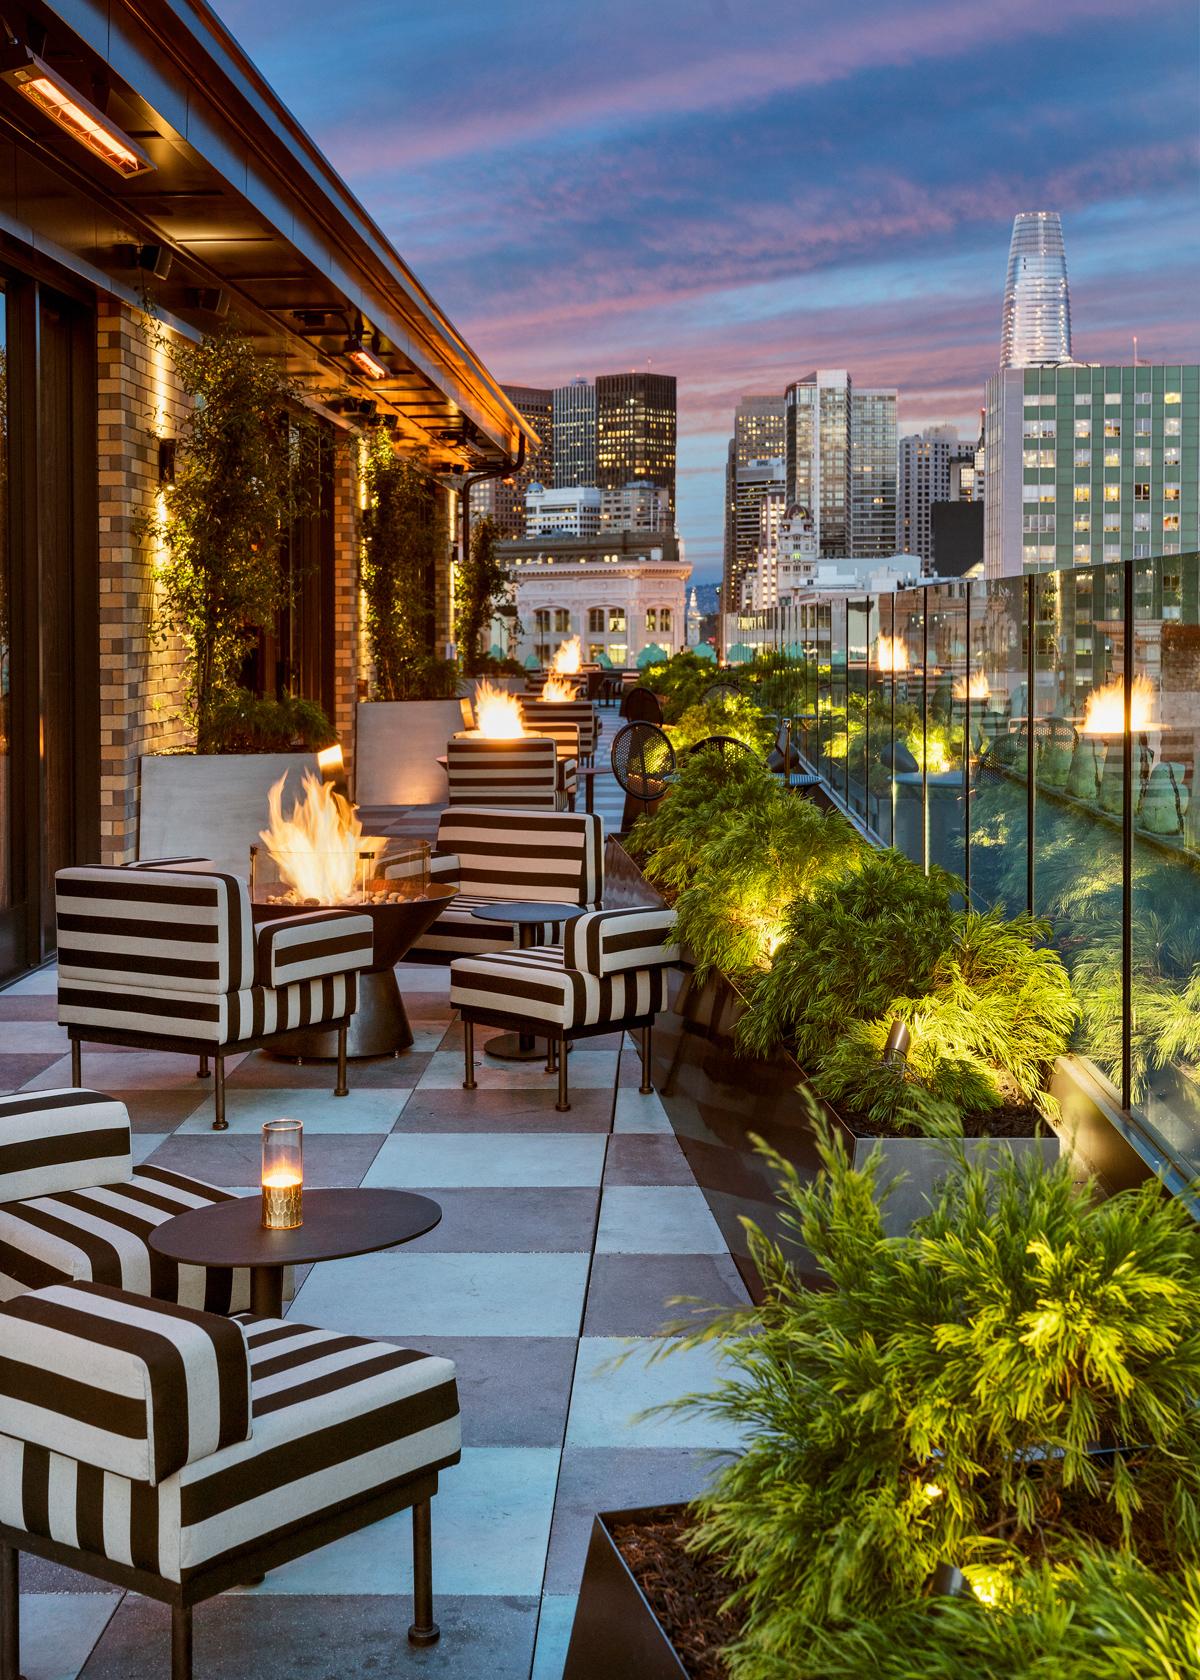 Inside Kelly Wearstler's latest project, the Proper Hotel in